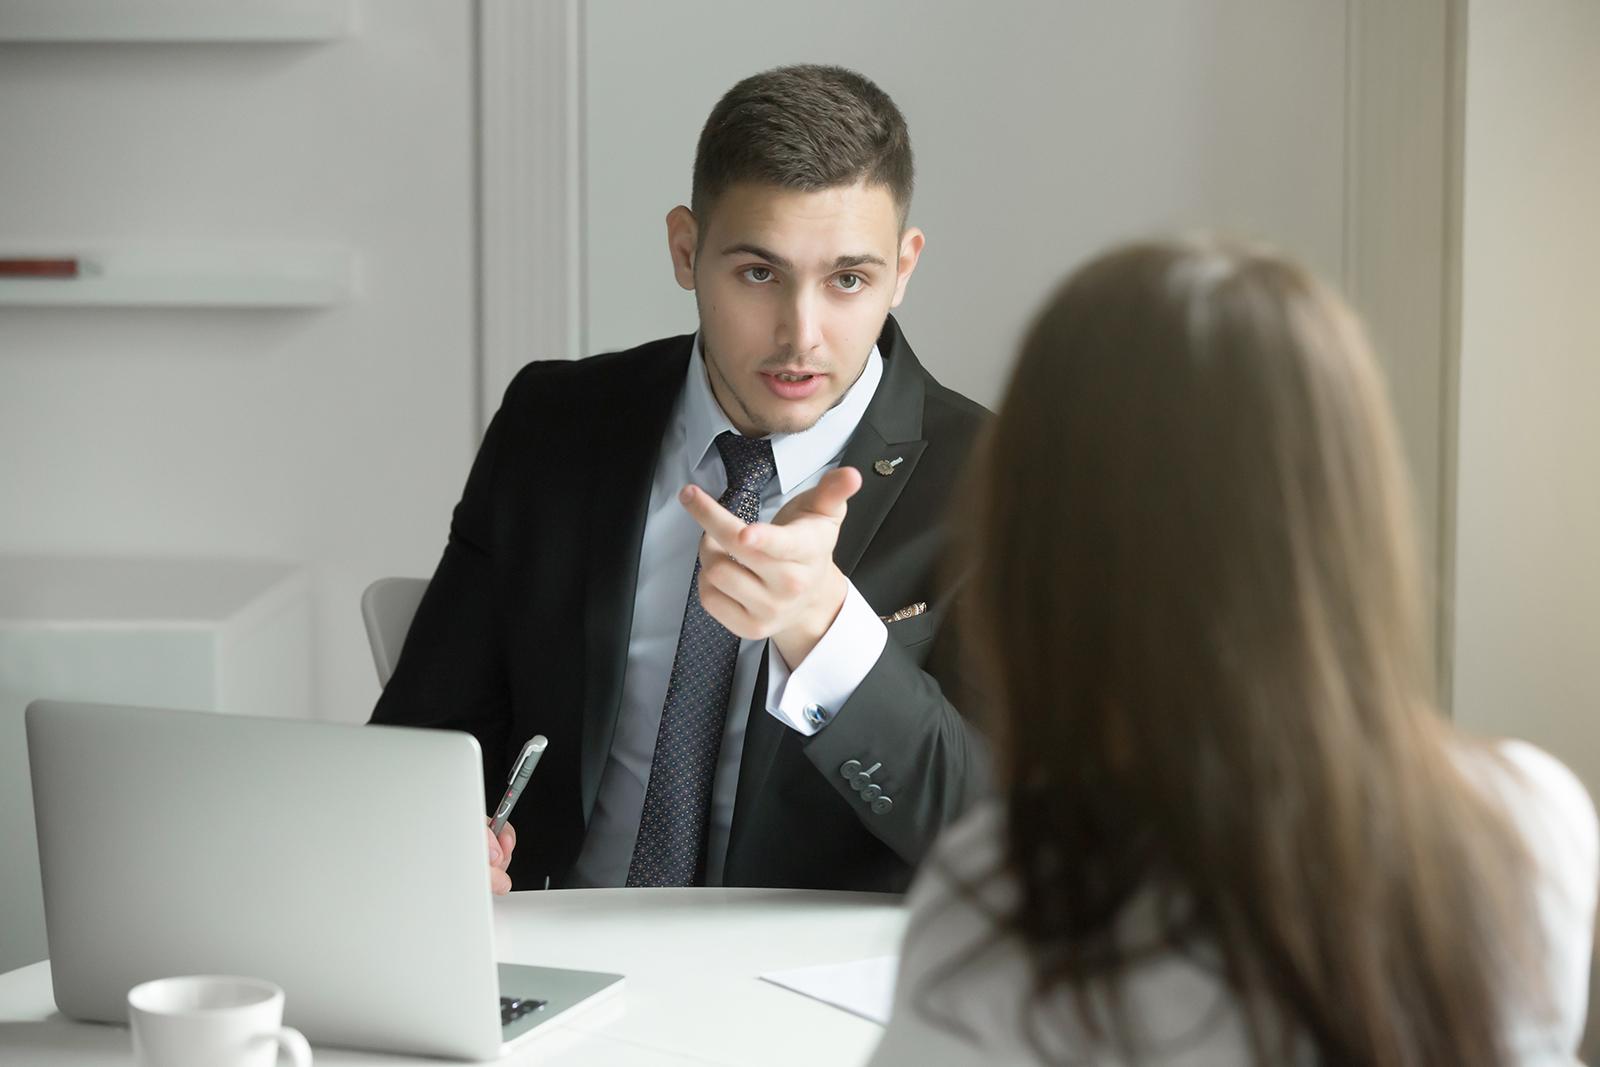 Làm sao để trình bày vấn đề với sếp một cách thông minh nhất